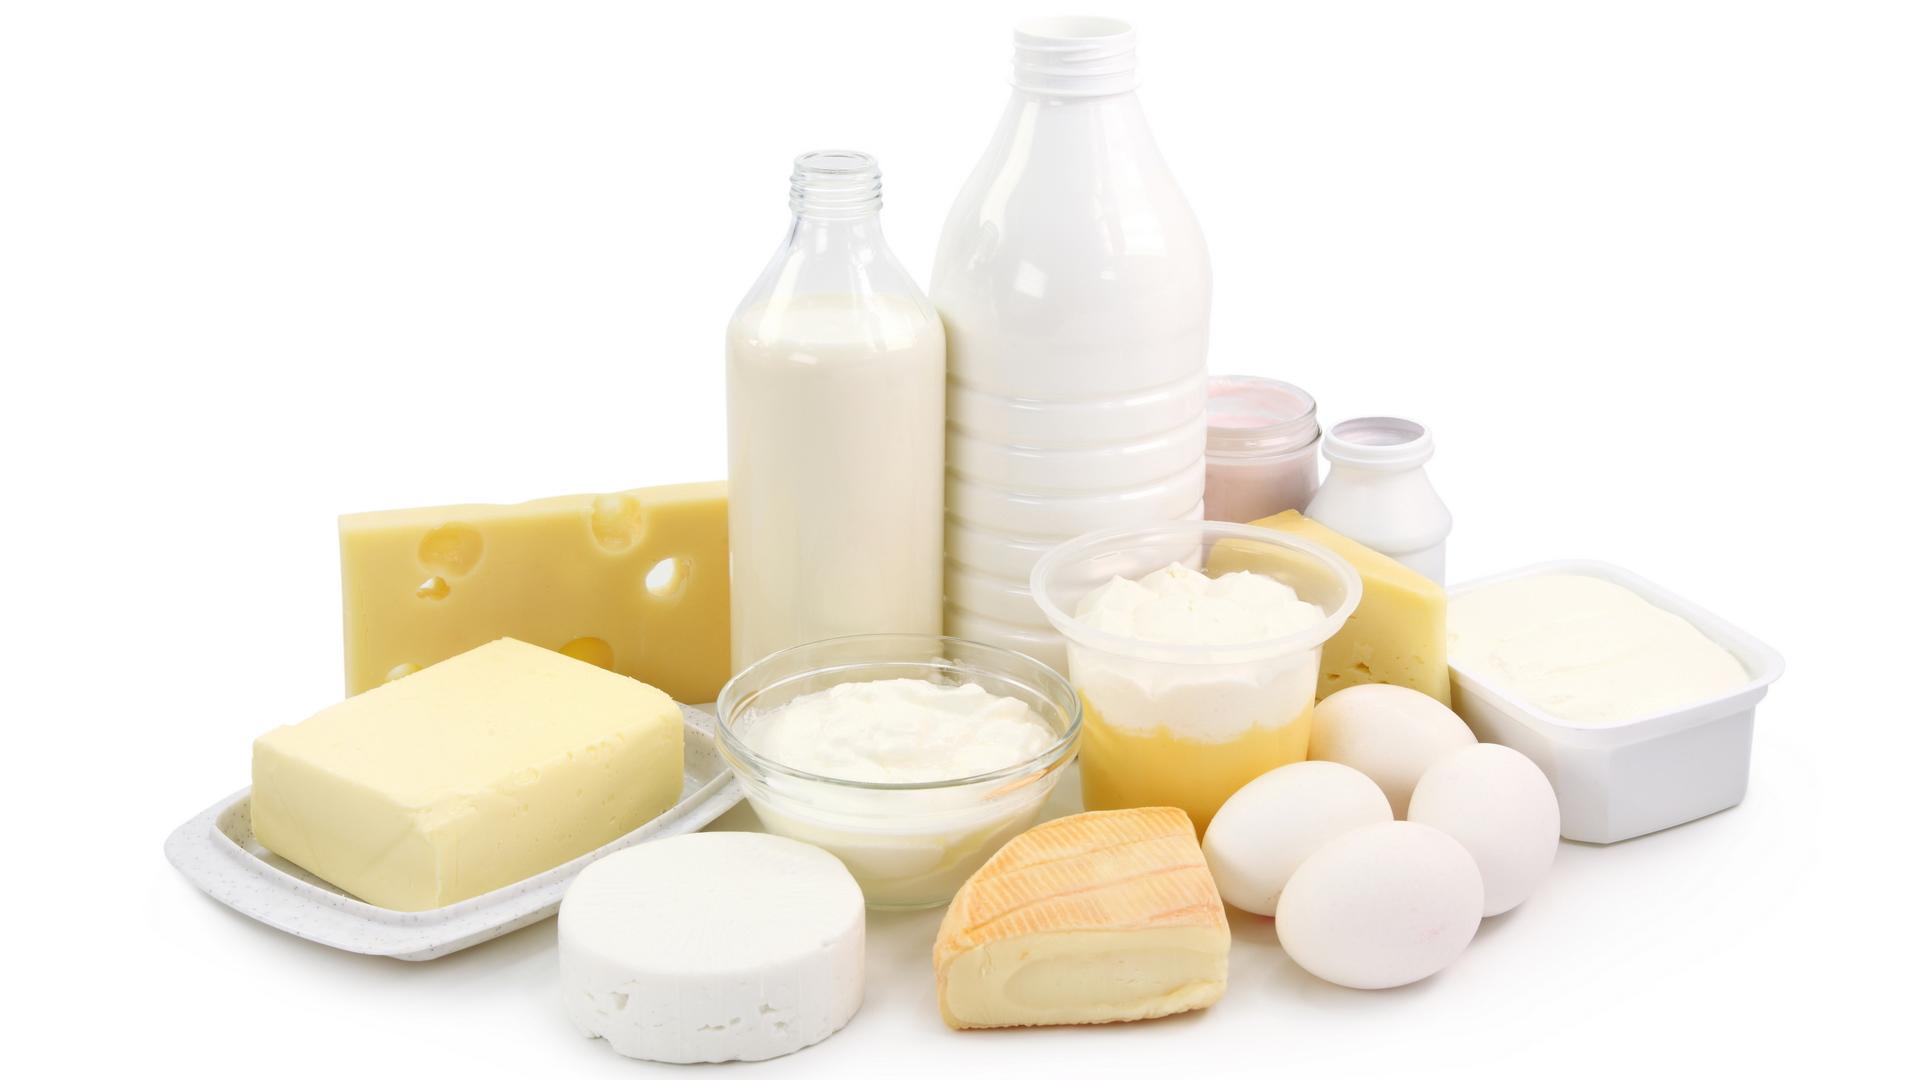 Продукты, содержащие полезные для кишечника бактерии - здоровый образ жизни